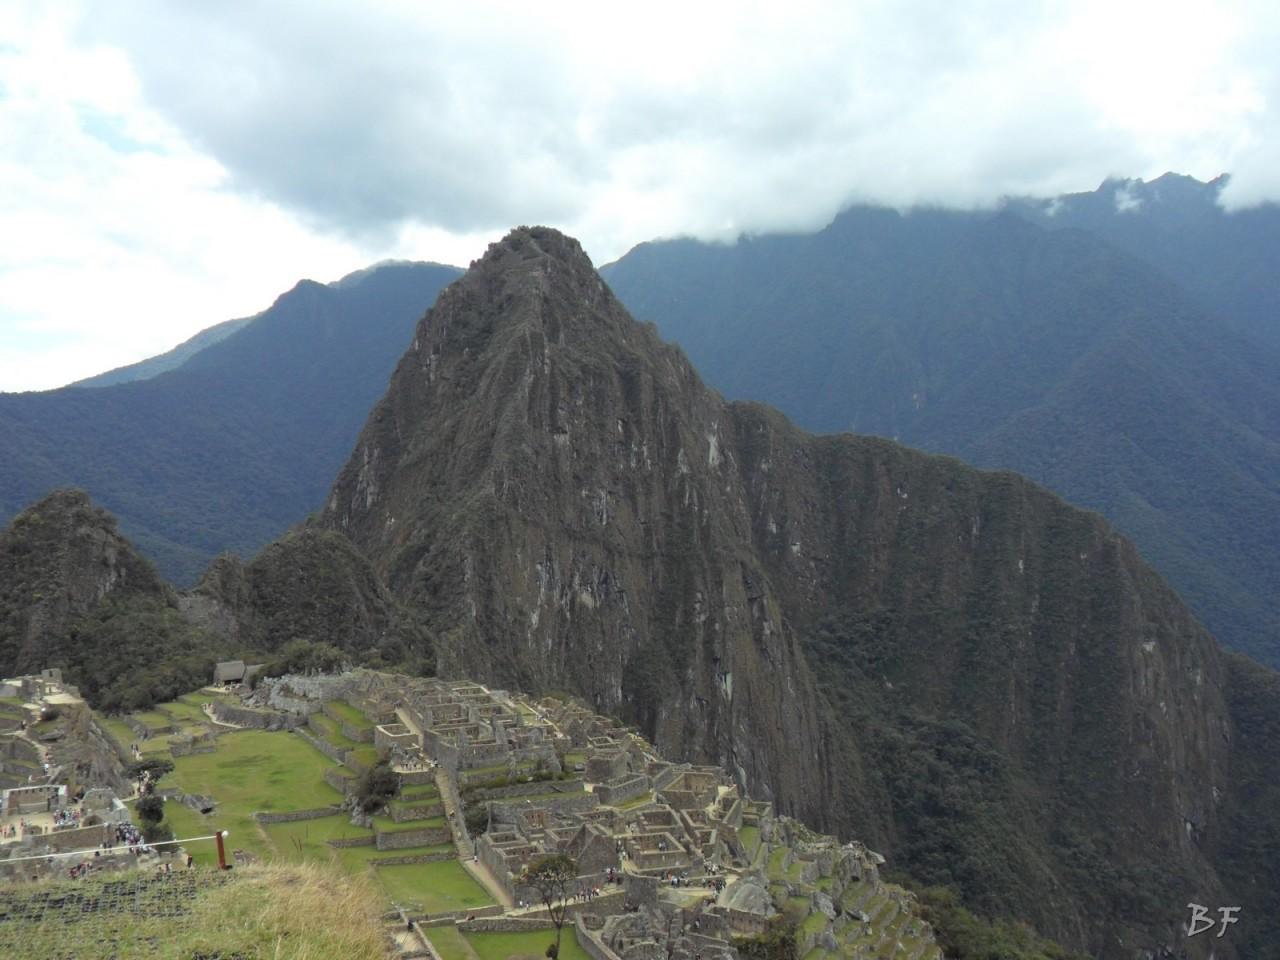 Mura-Poligonali-Incisioni-Altari-Edifici-Rupestri-Megaliti-Machu-Picchu-Aguas-Calientes-Urubamba-Cusco-Perù-68